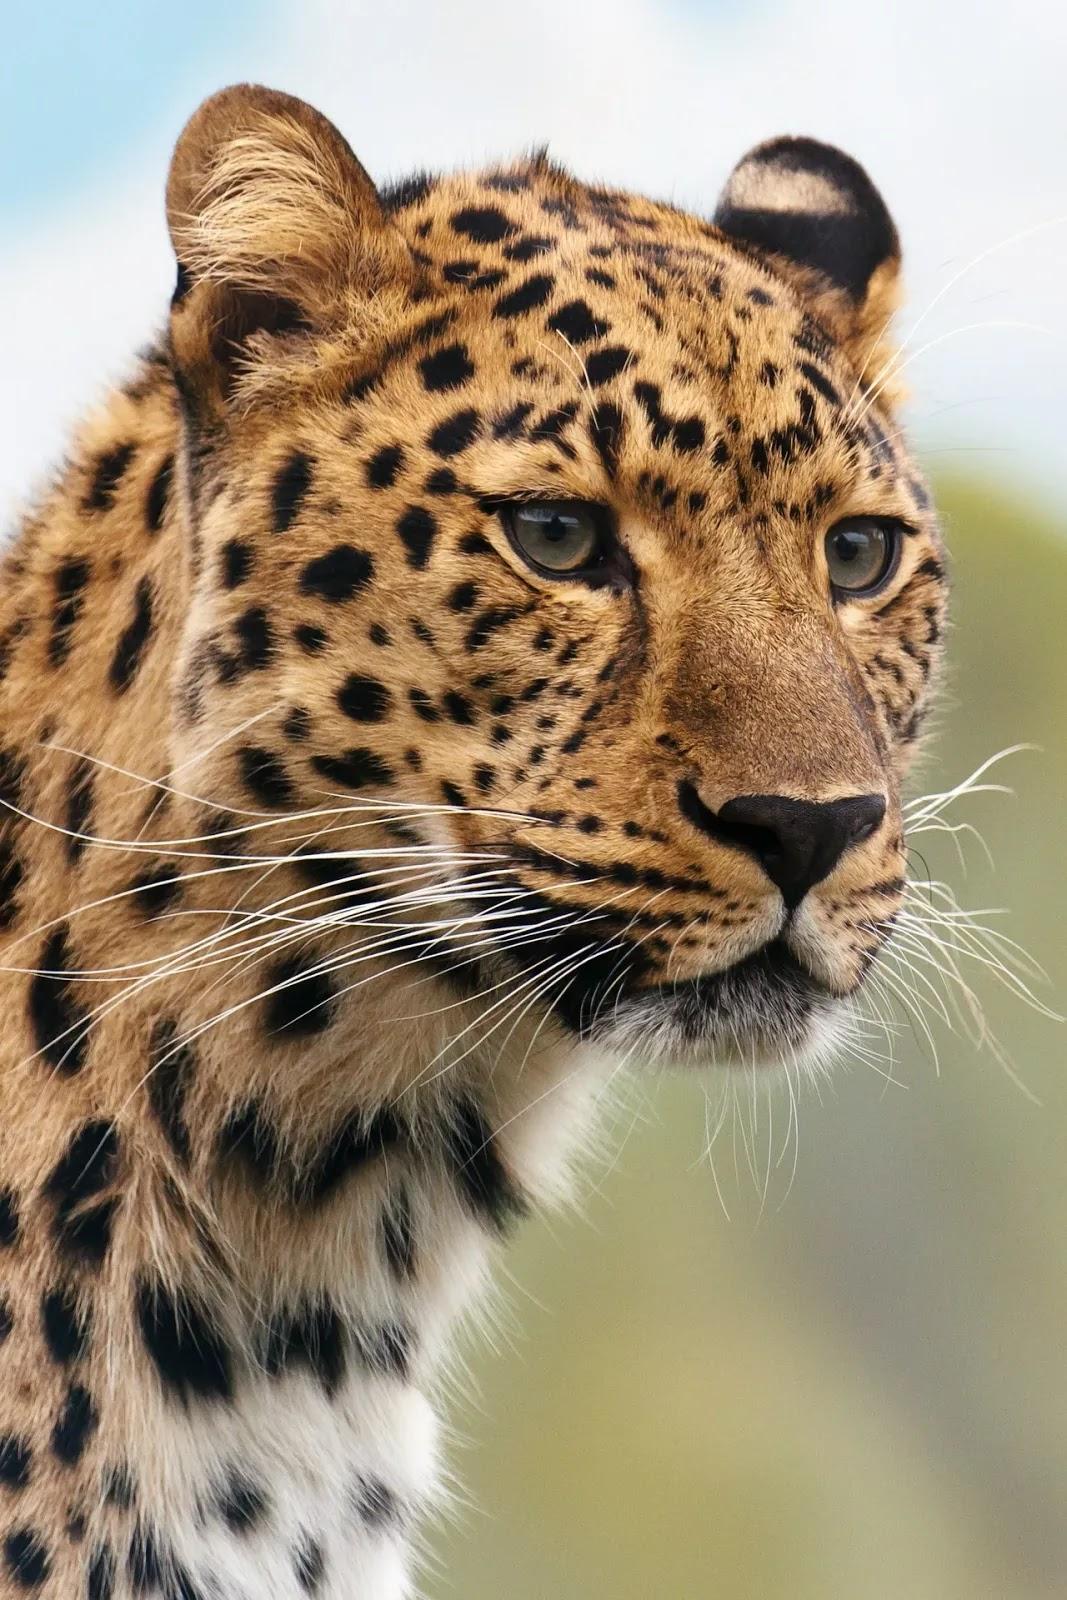 صور حيوانات مفترسة أخطر الحيوانات المفترسة